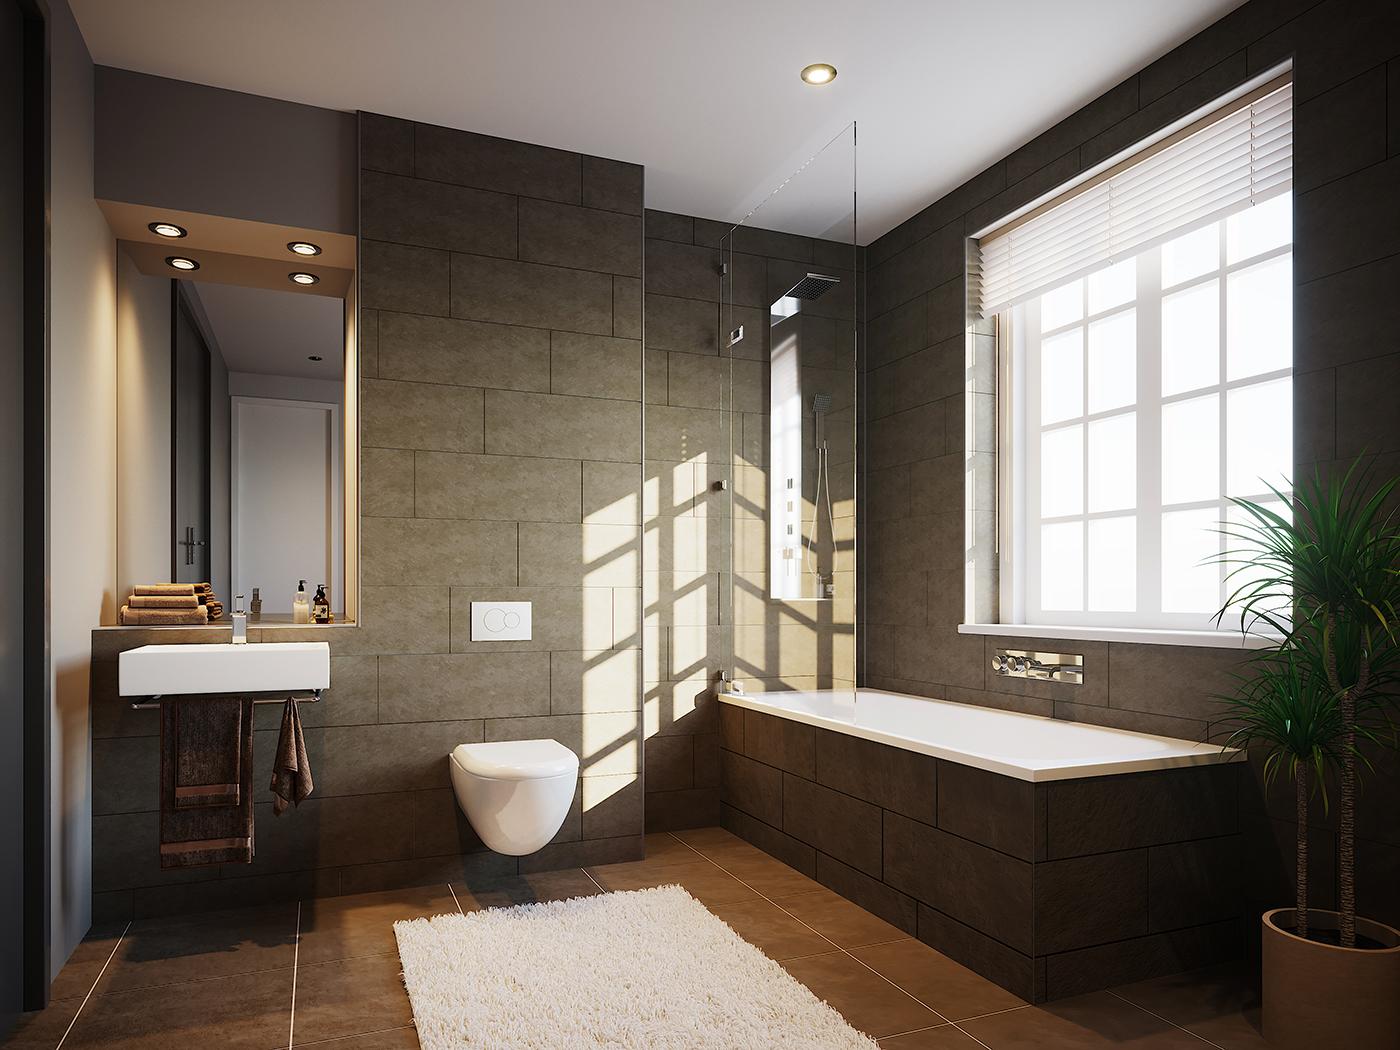 Bathroom 3D visualisation